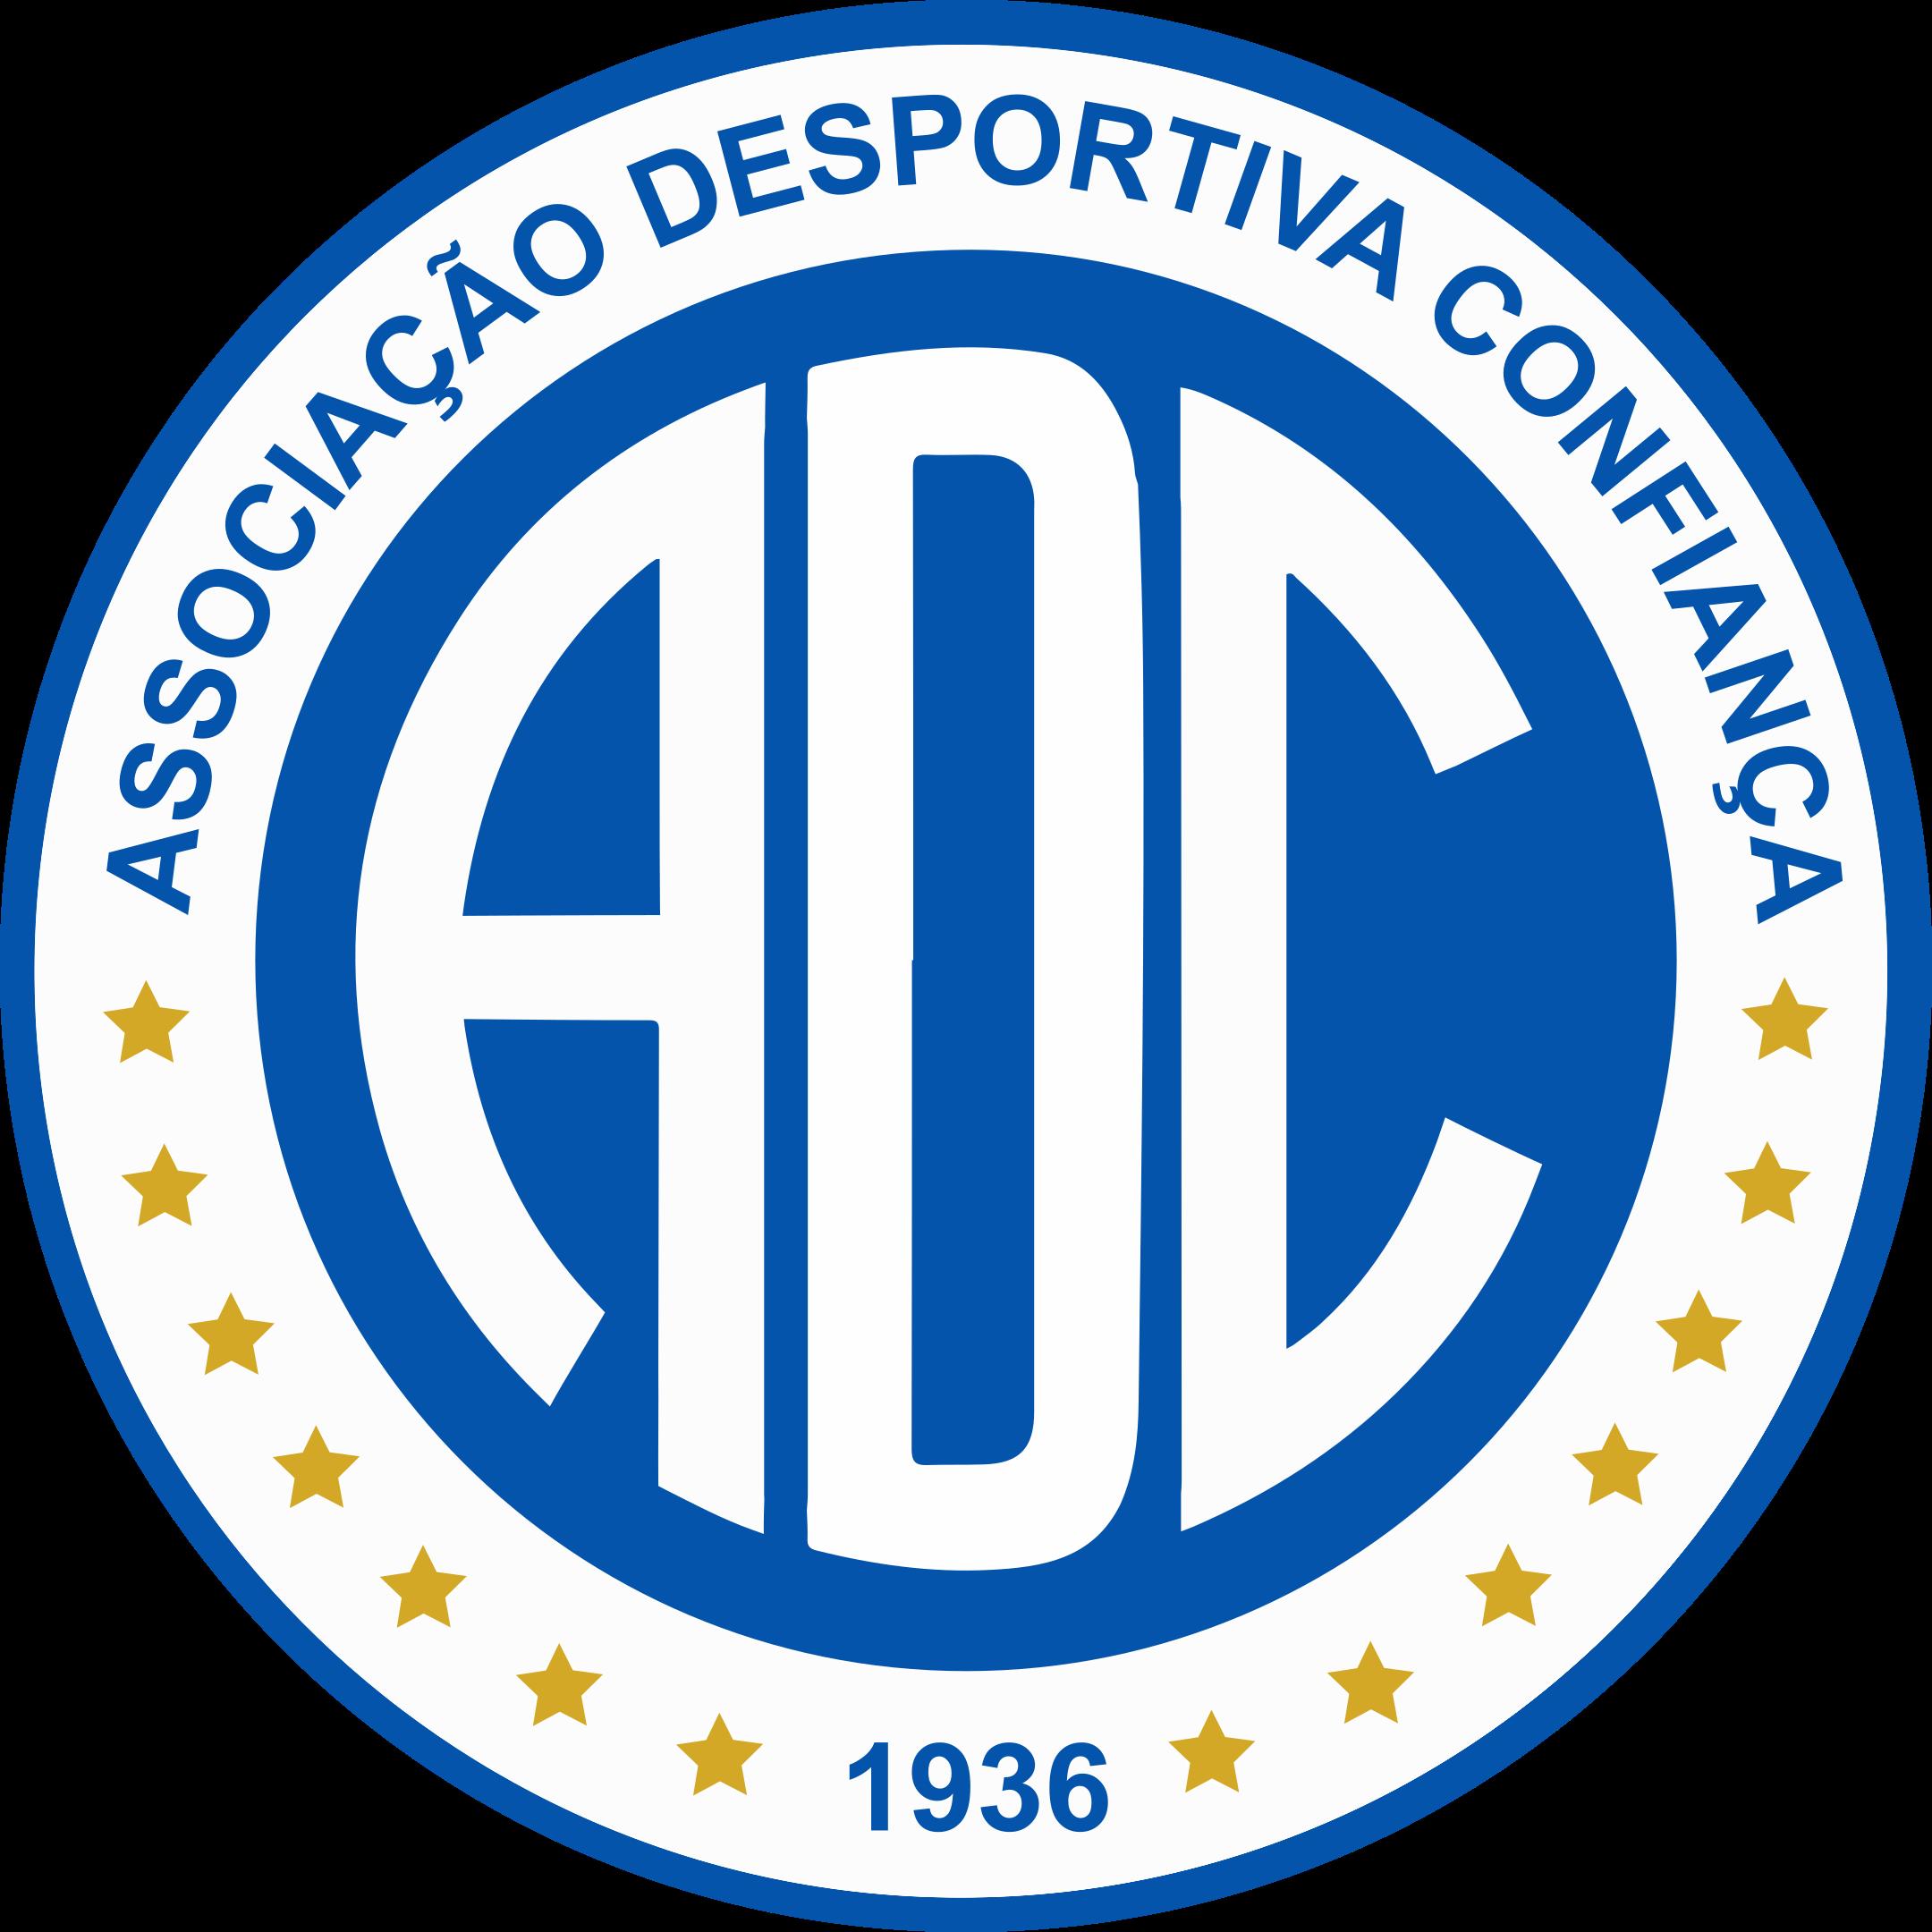 ad confianca logo 1 - AD Confiança Logo (Brazil)